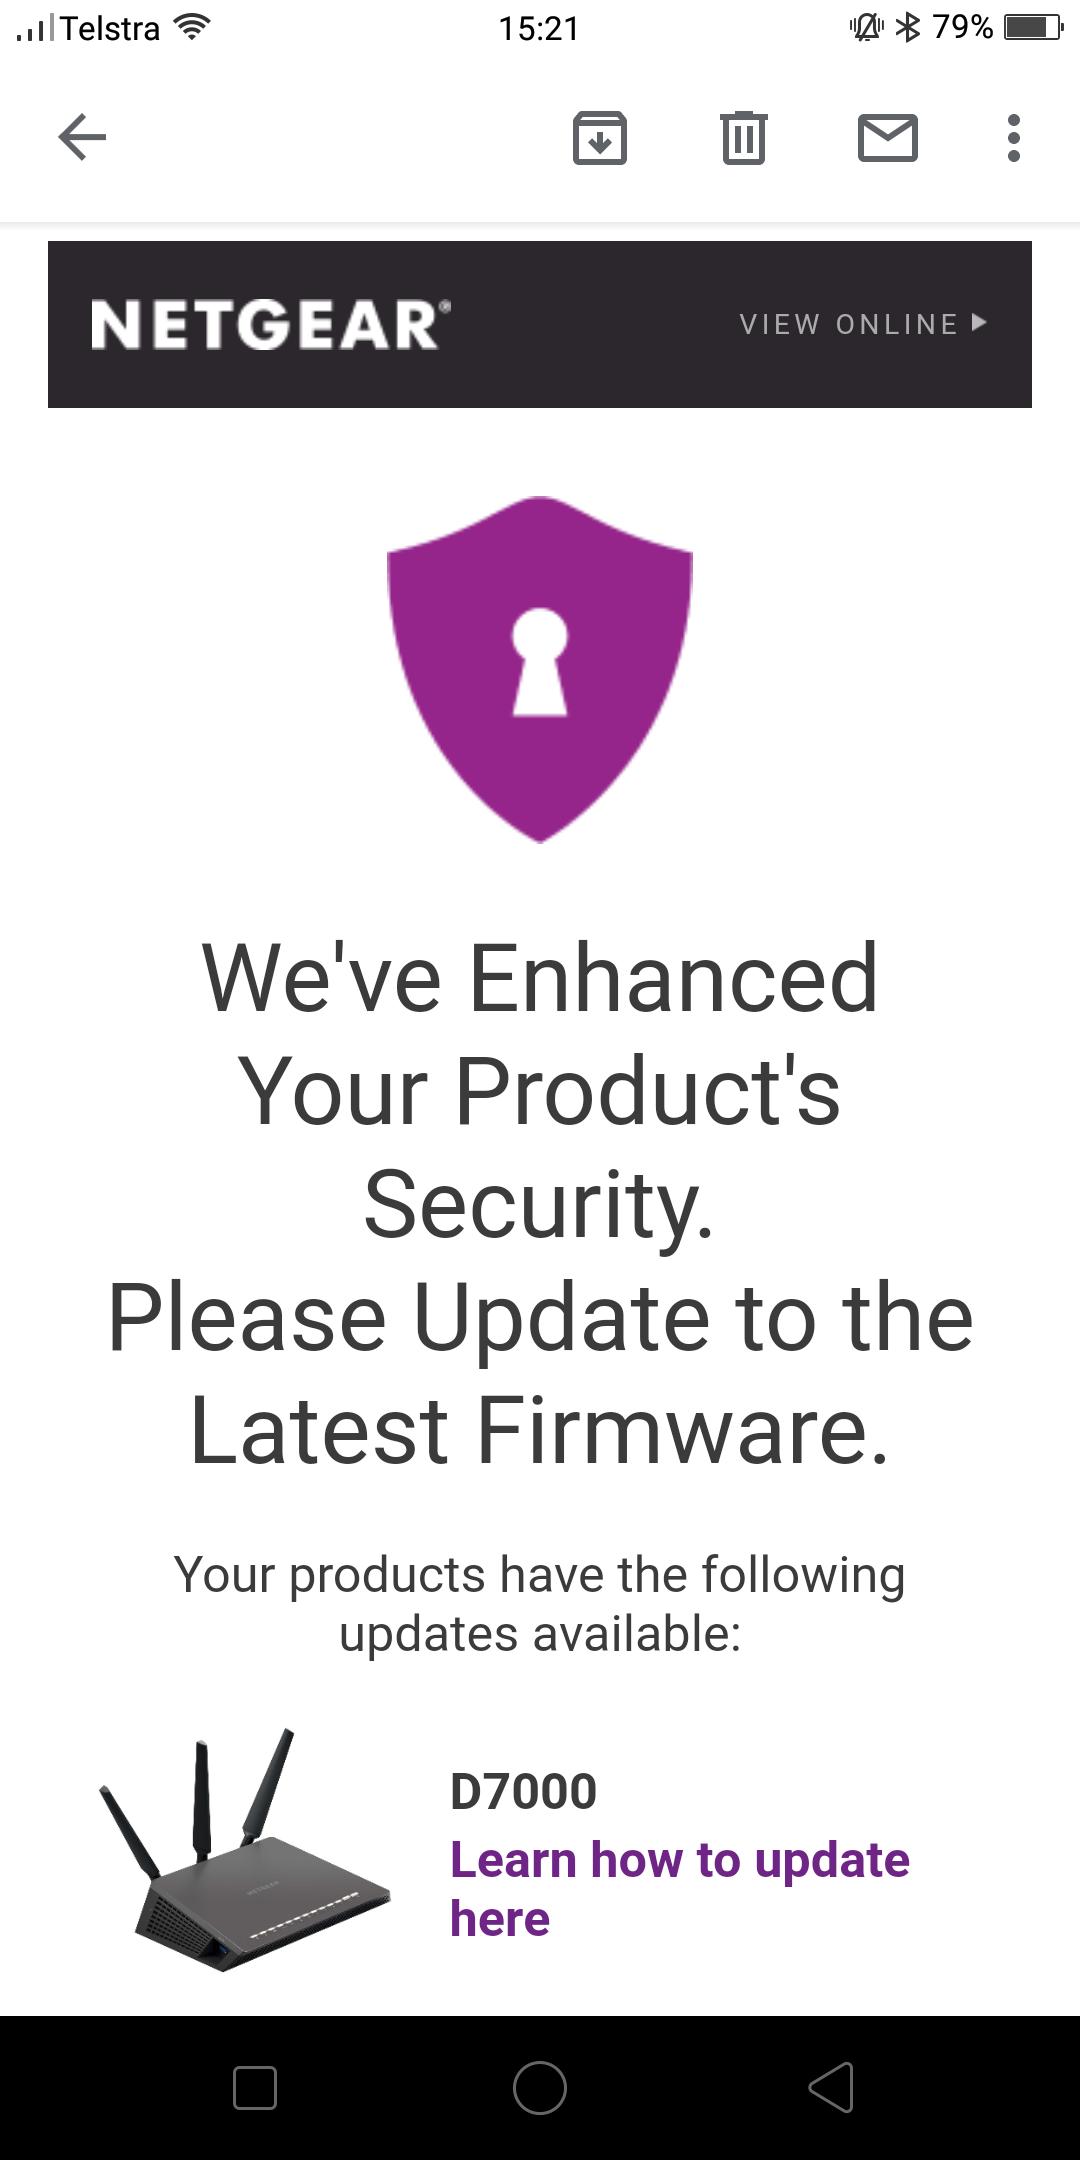 netgear firmware update d7000 1.0.1.50